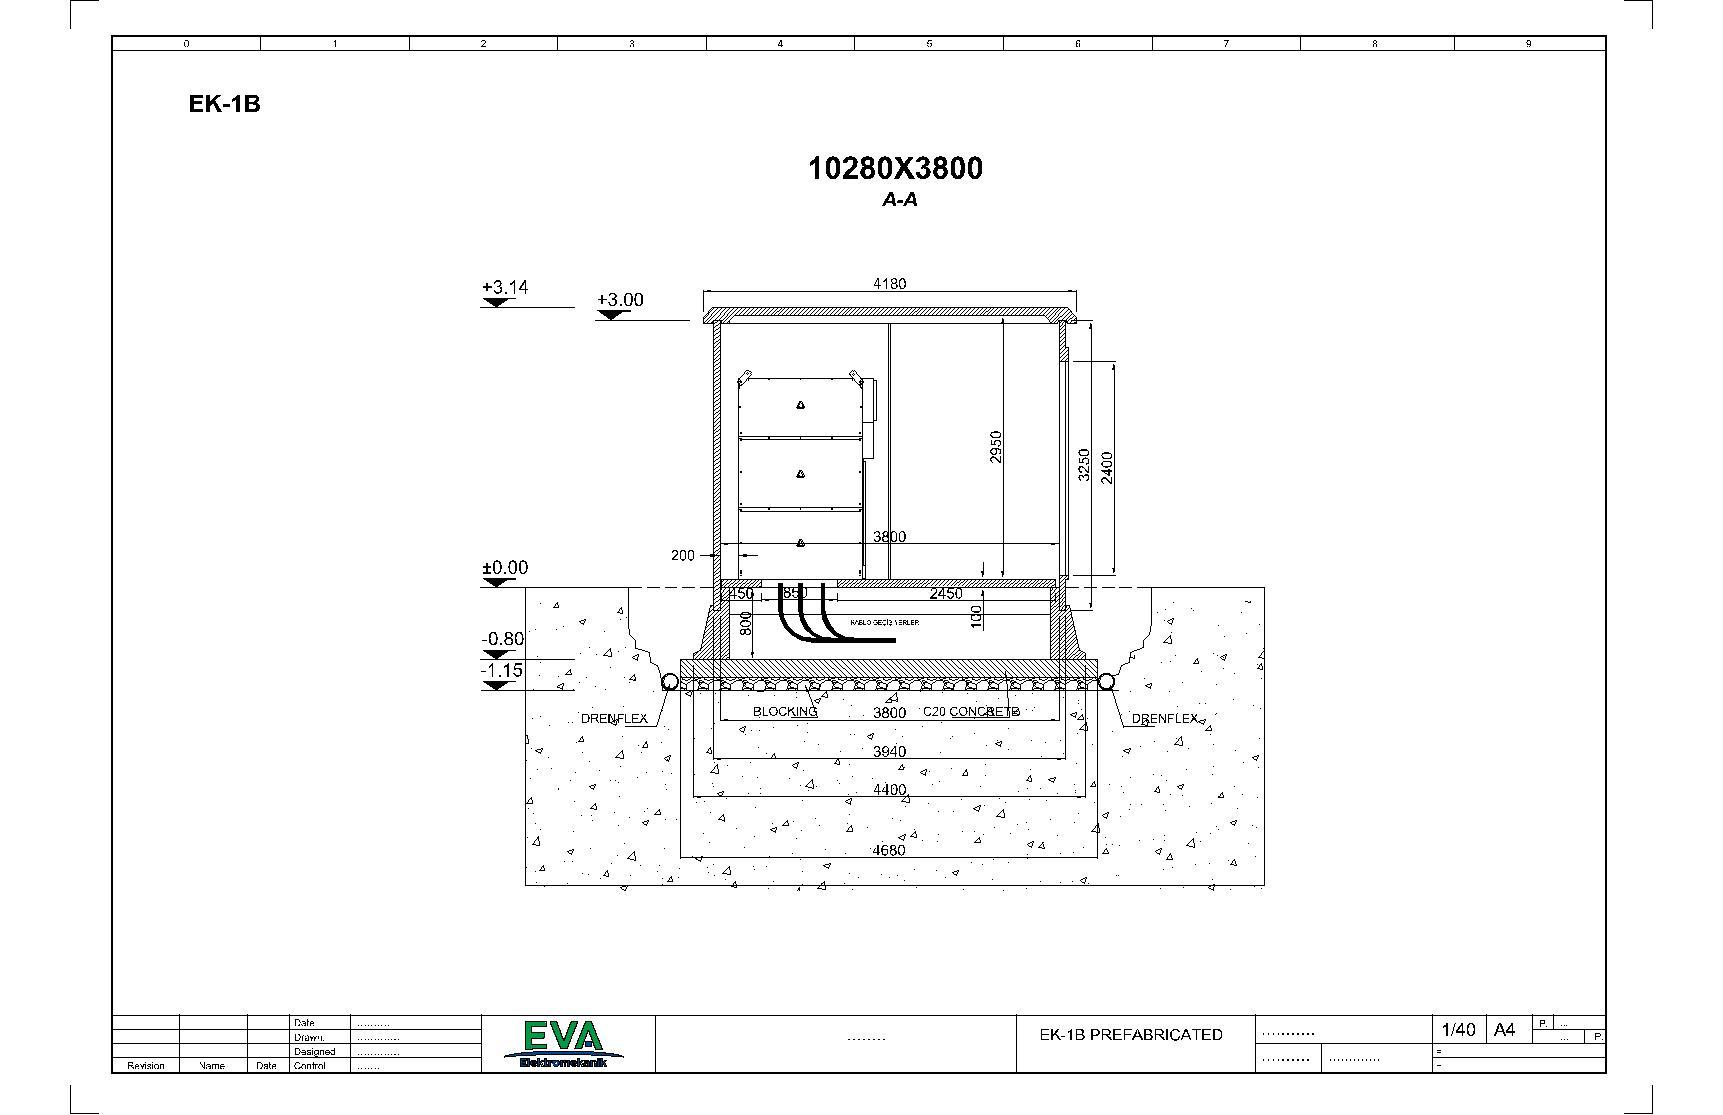 محطة توزيع مسبقة الصنع (3140) (3800) (10280) مم ملحق1 – ب